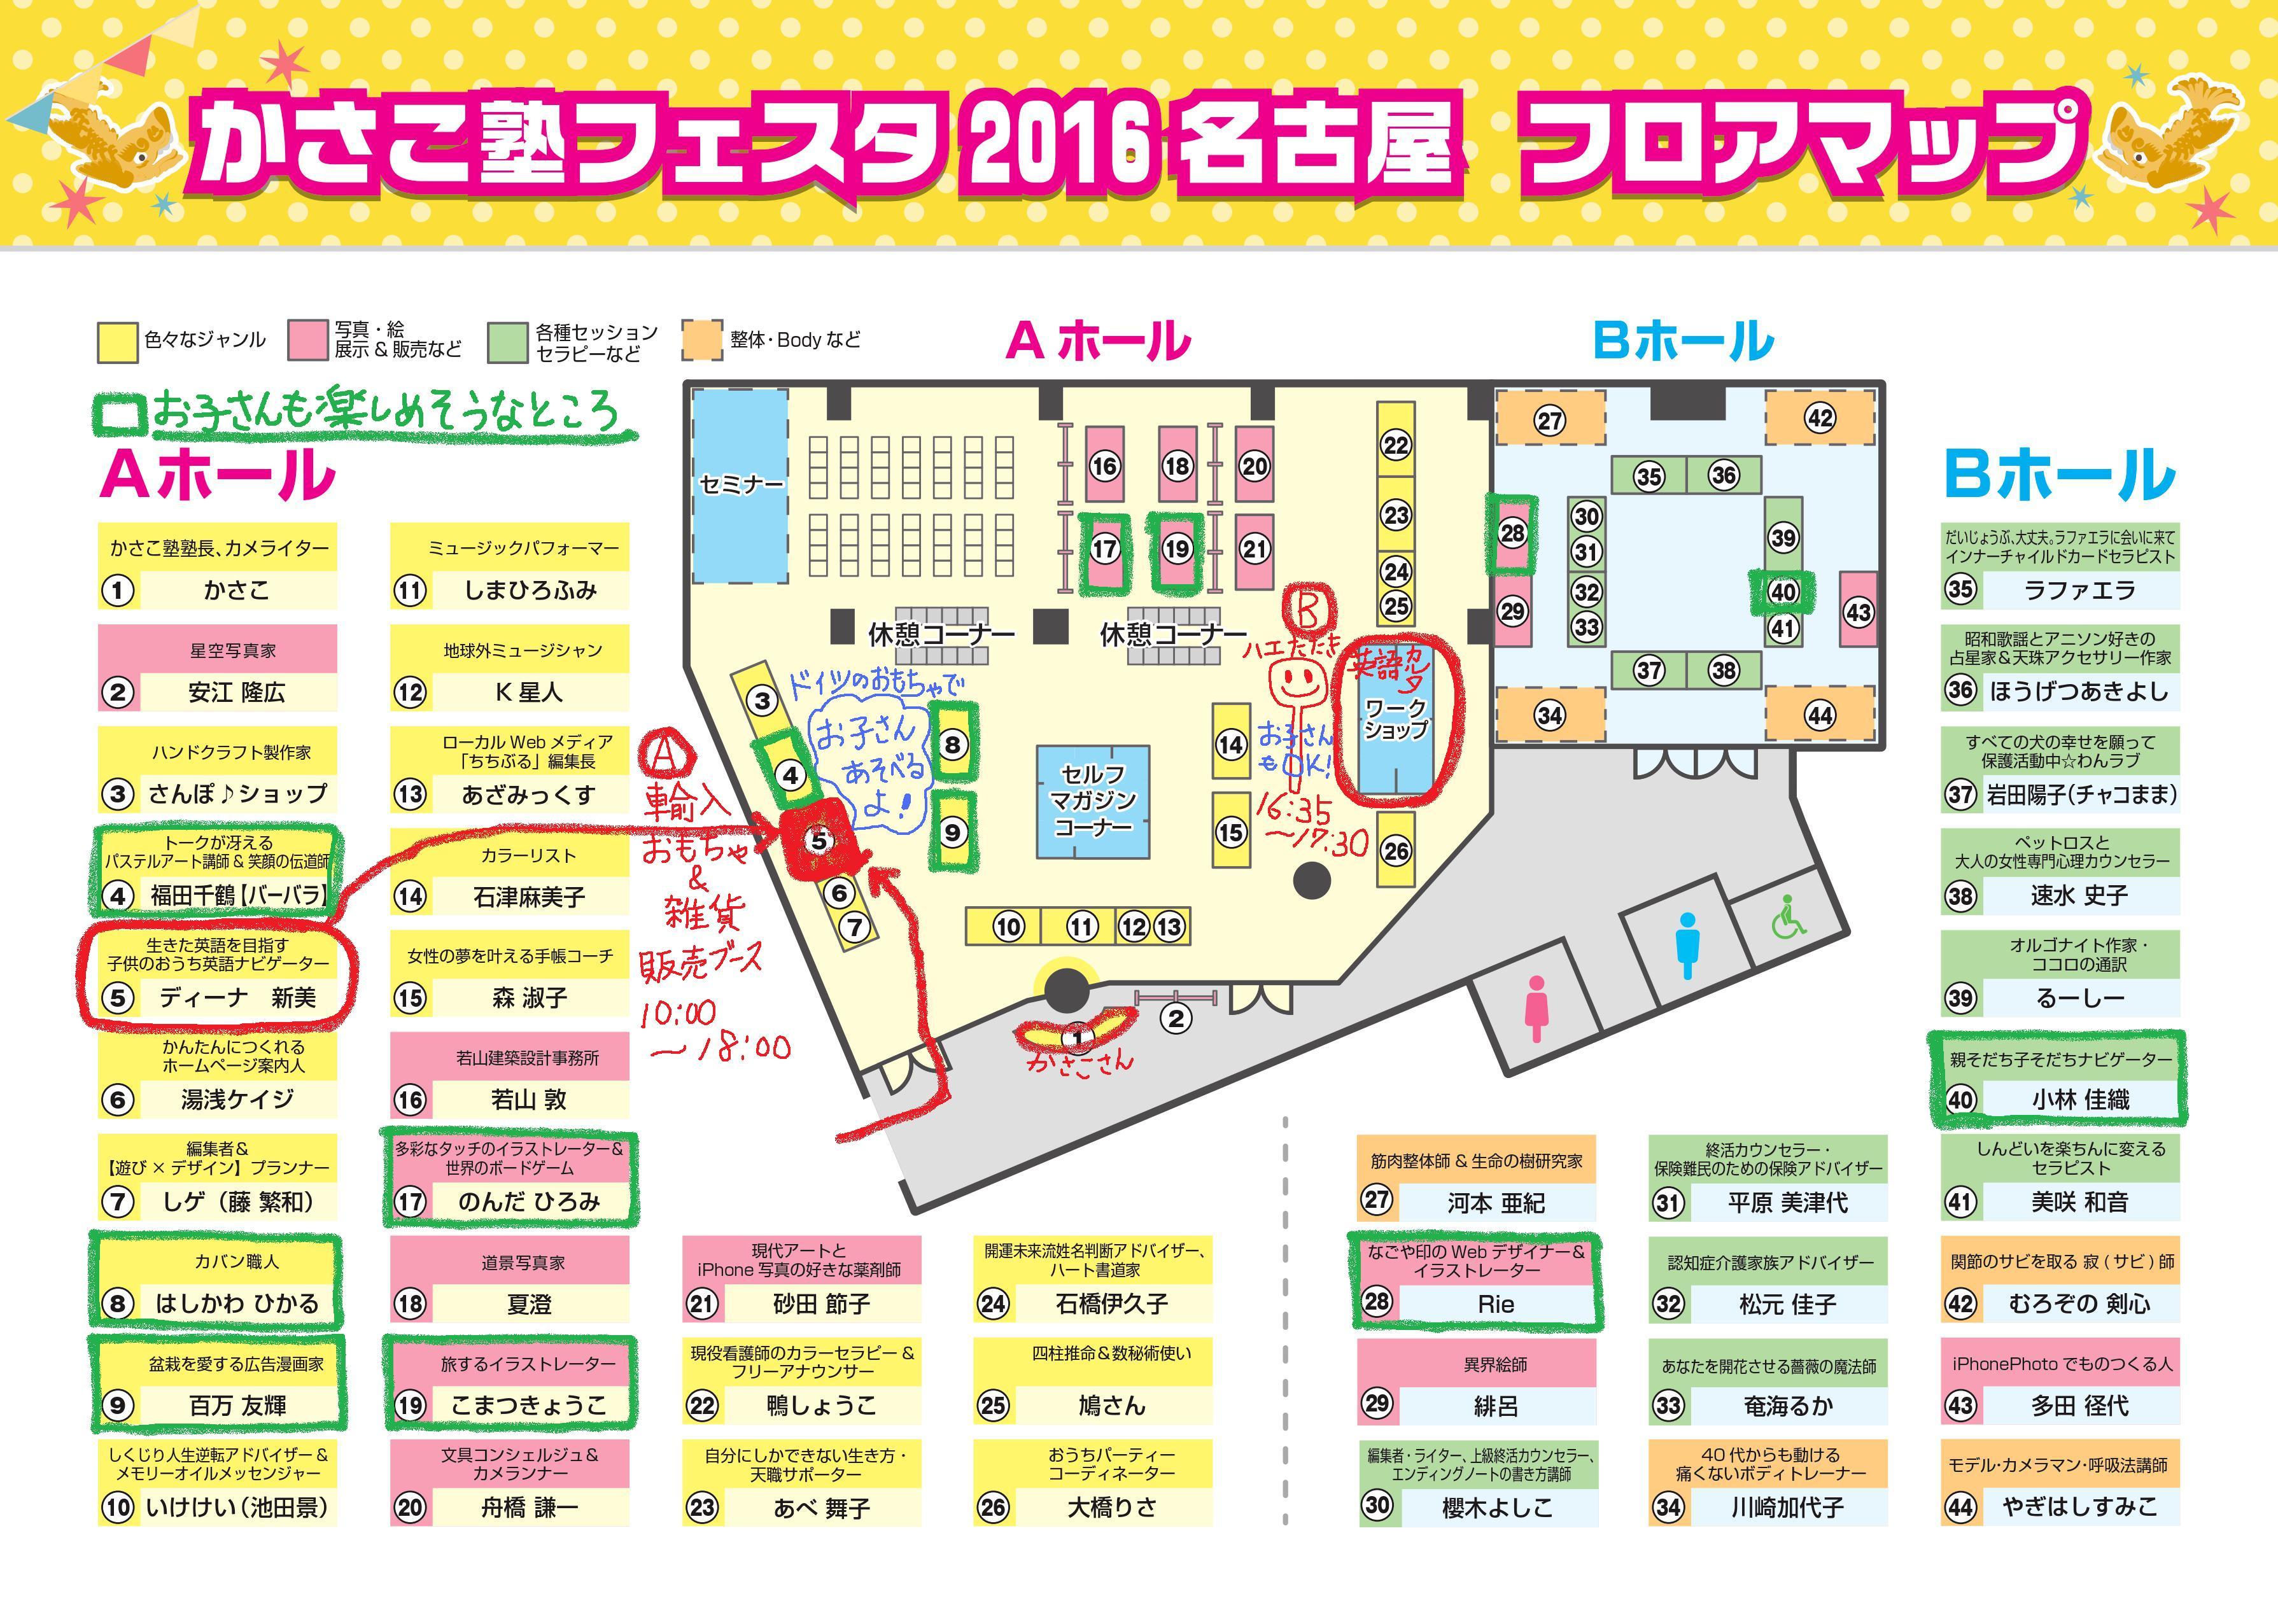 子連れならここが楽しい!11/26 かさこ塾フェスタ